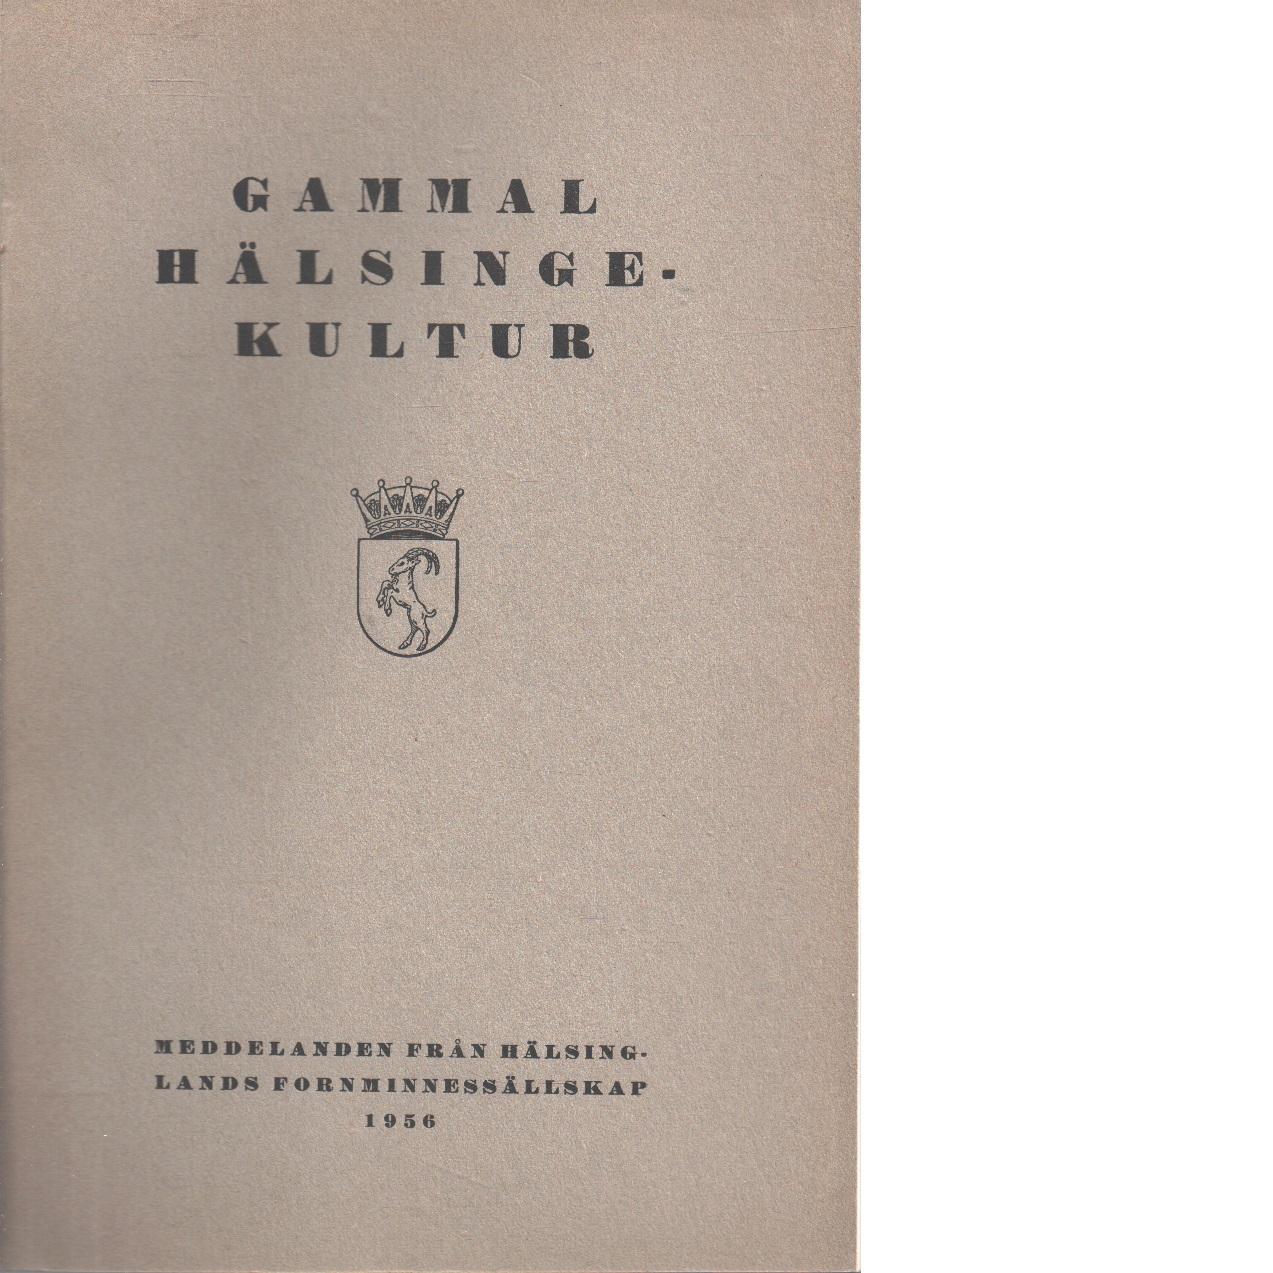 Gammal hälsingekultur : meddelanden från Hälsinglands fornminnessällskap 1956 - Helsinglands Fornminnessällskap